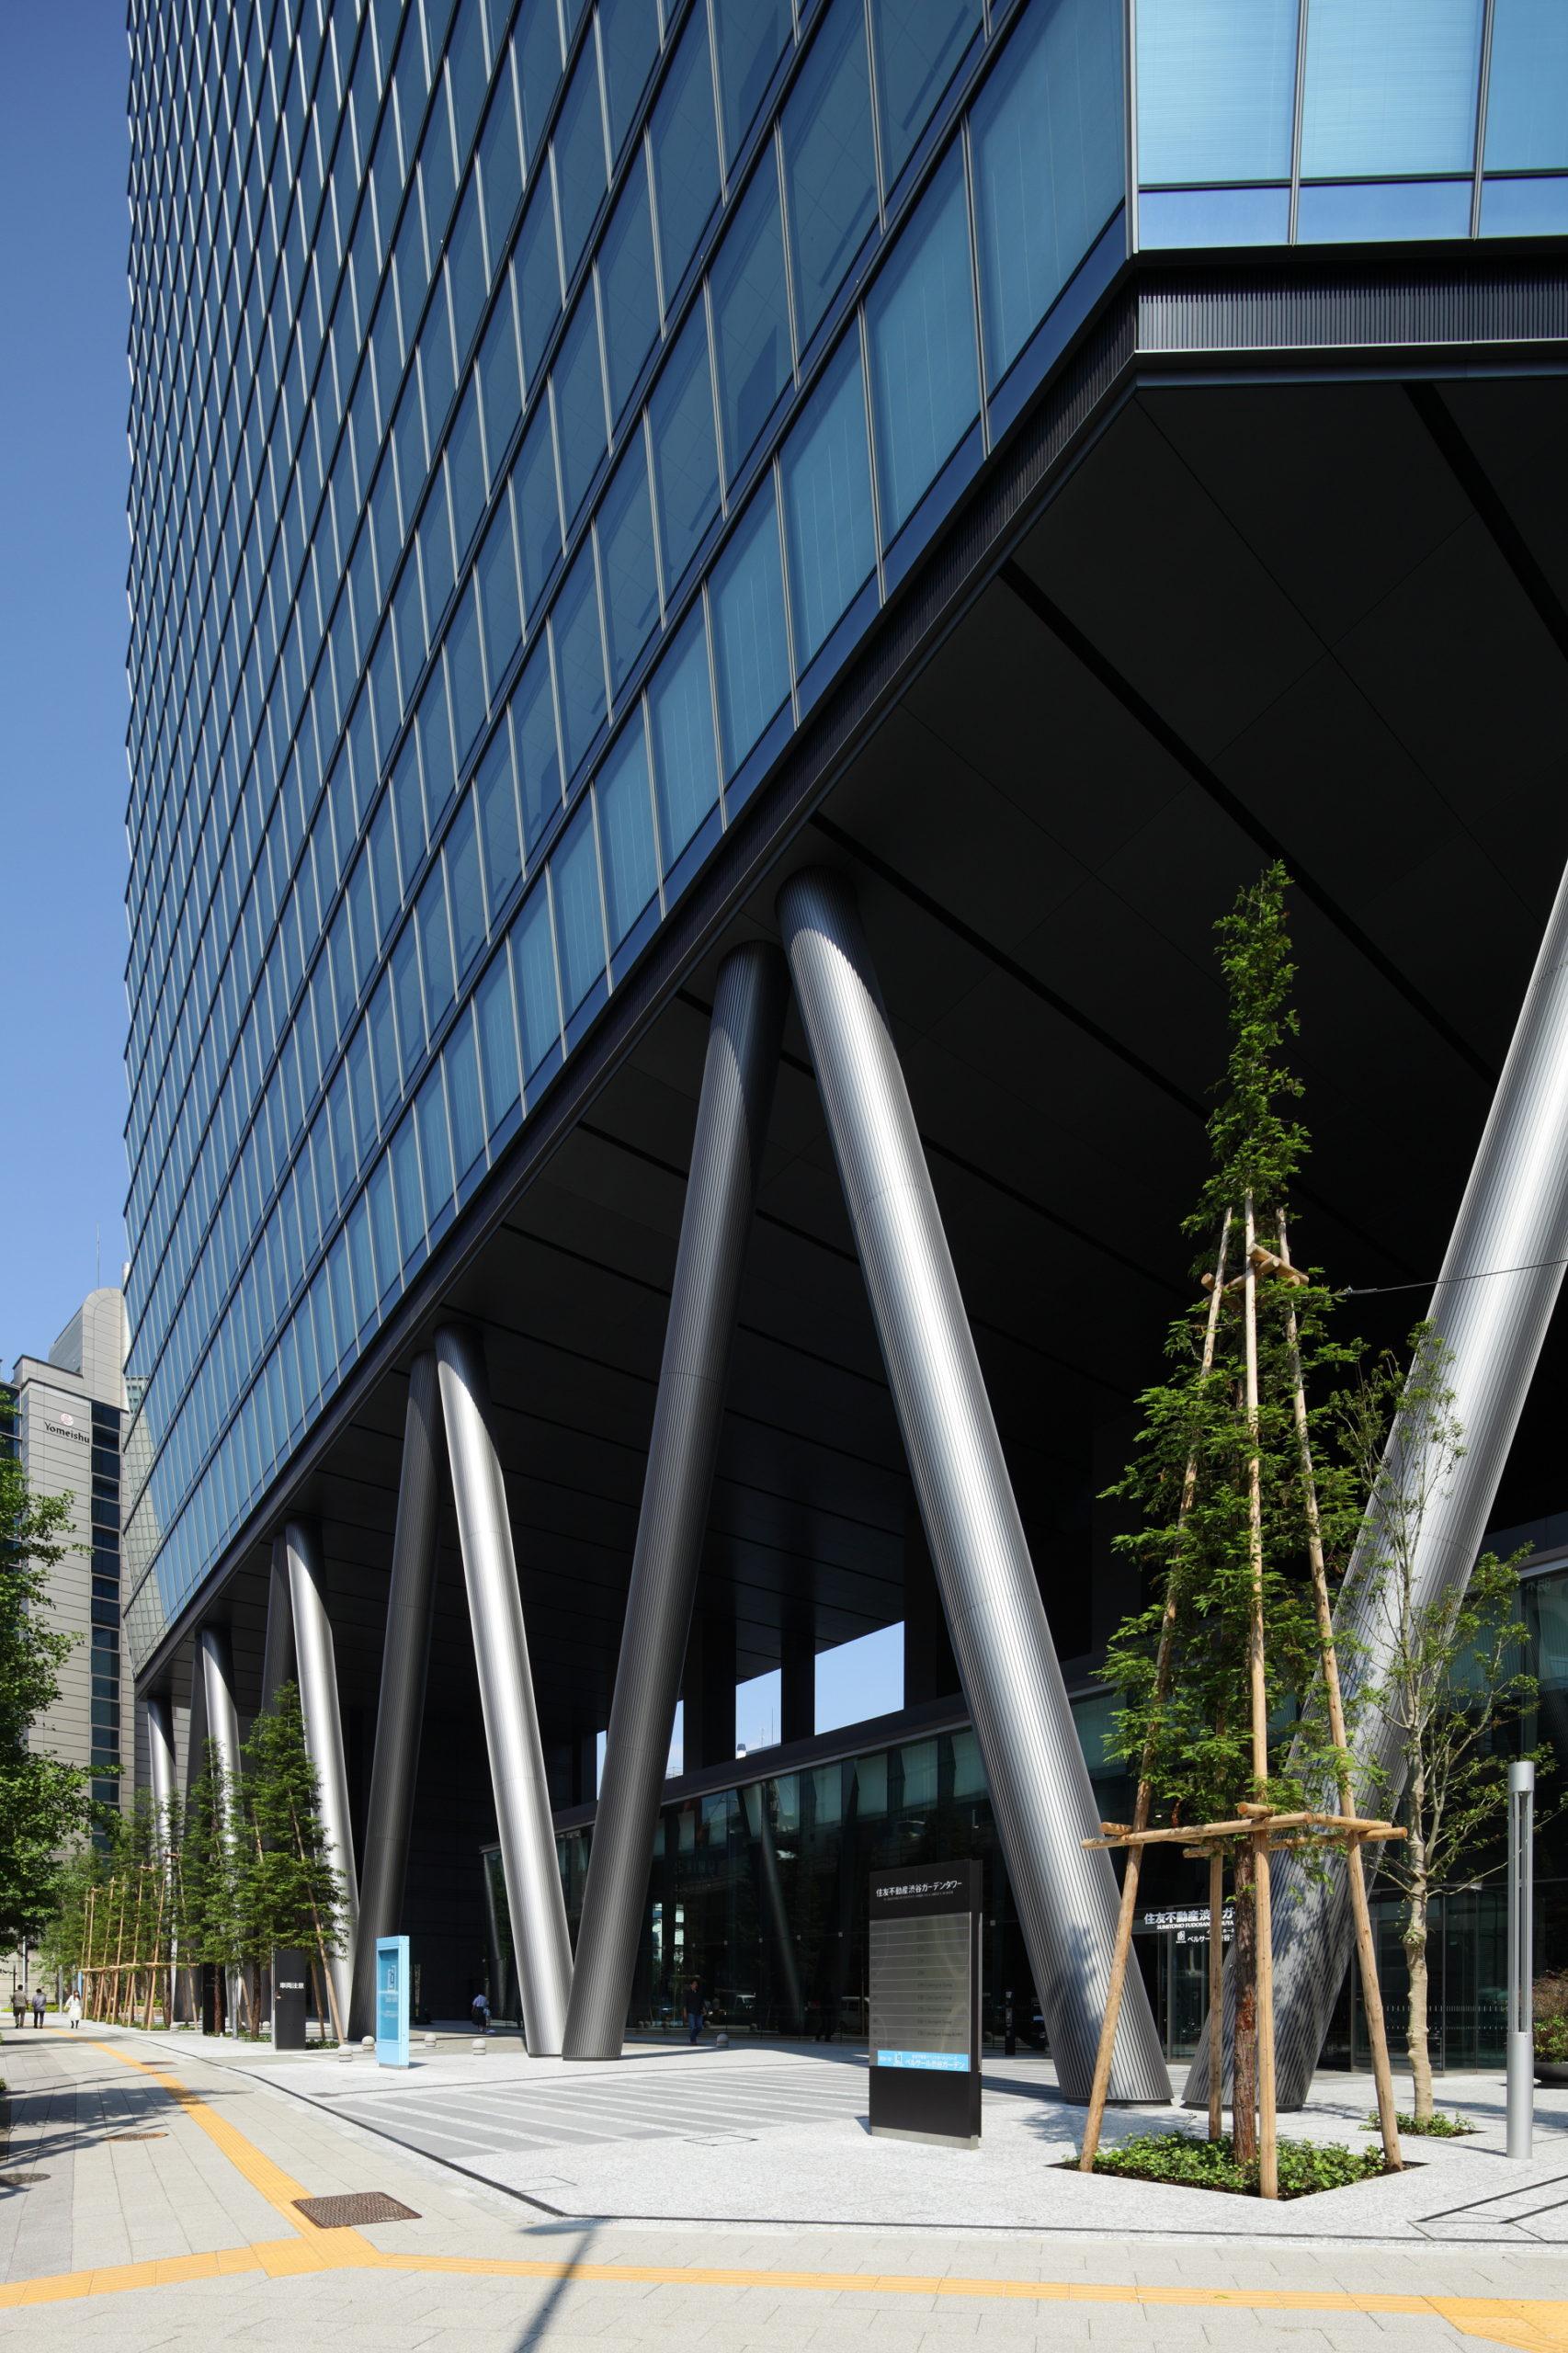 住友不動産渋谷ガーデンタワー/渋谷区